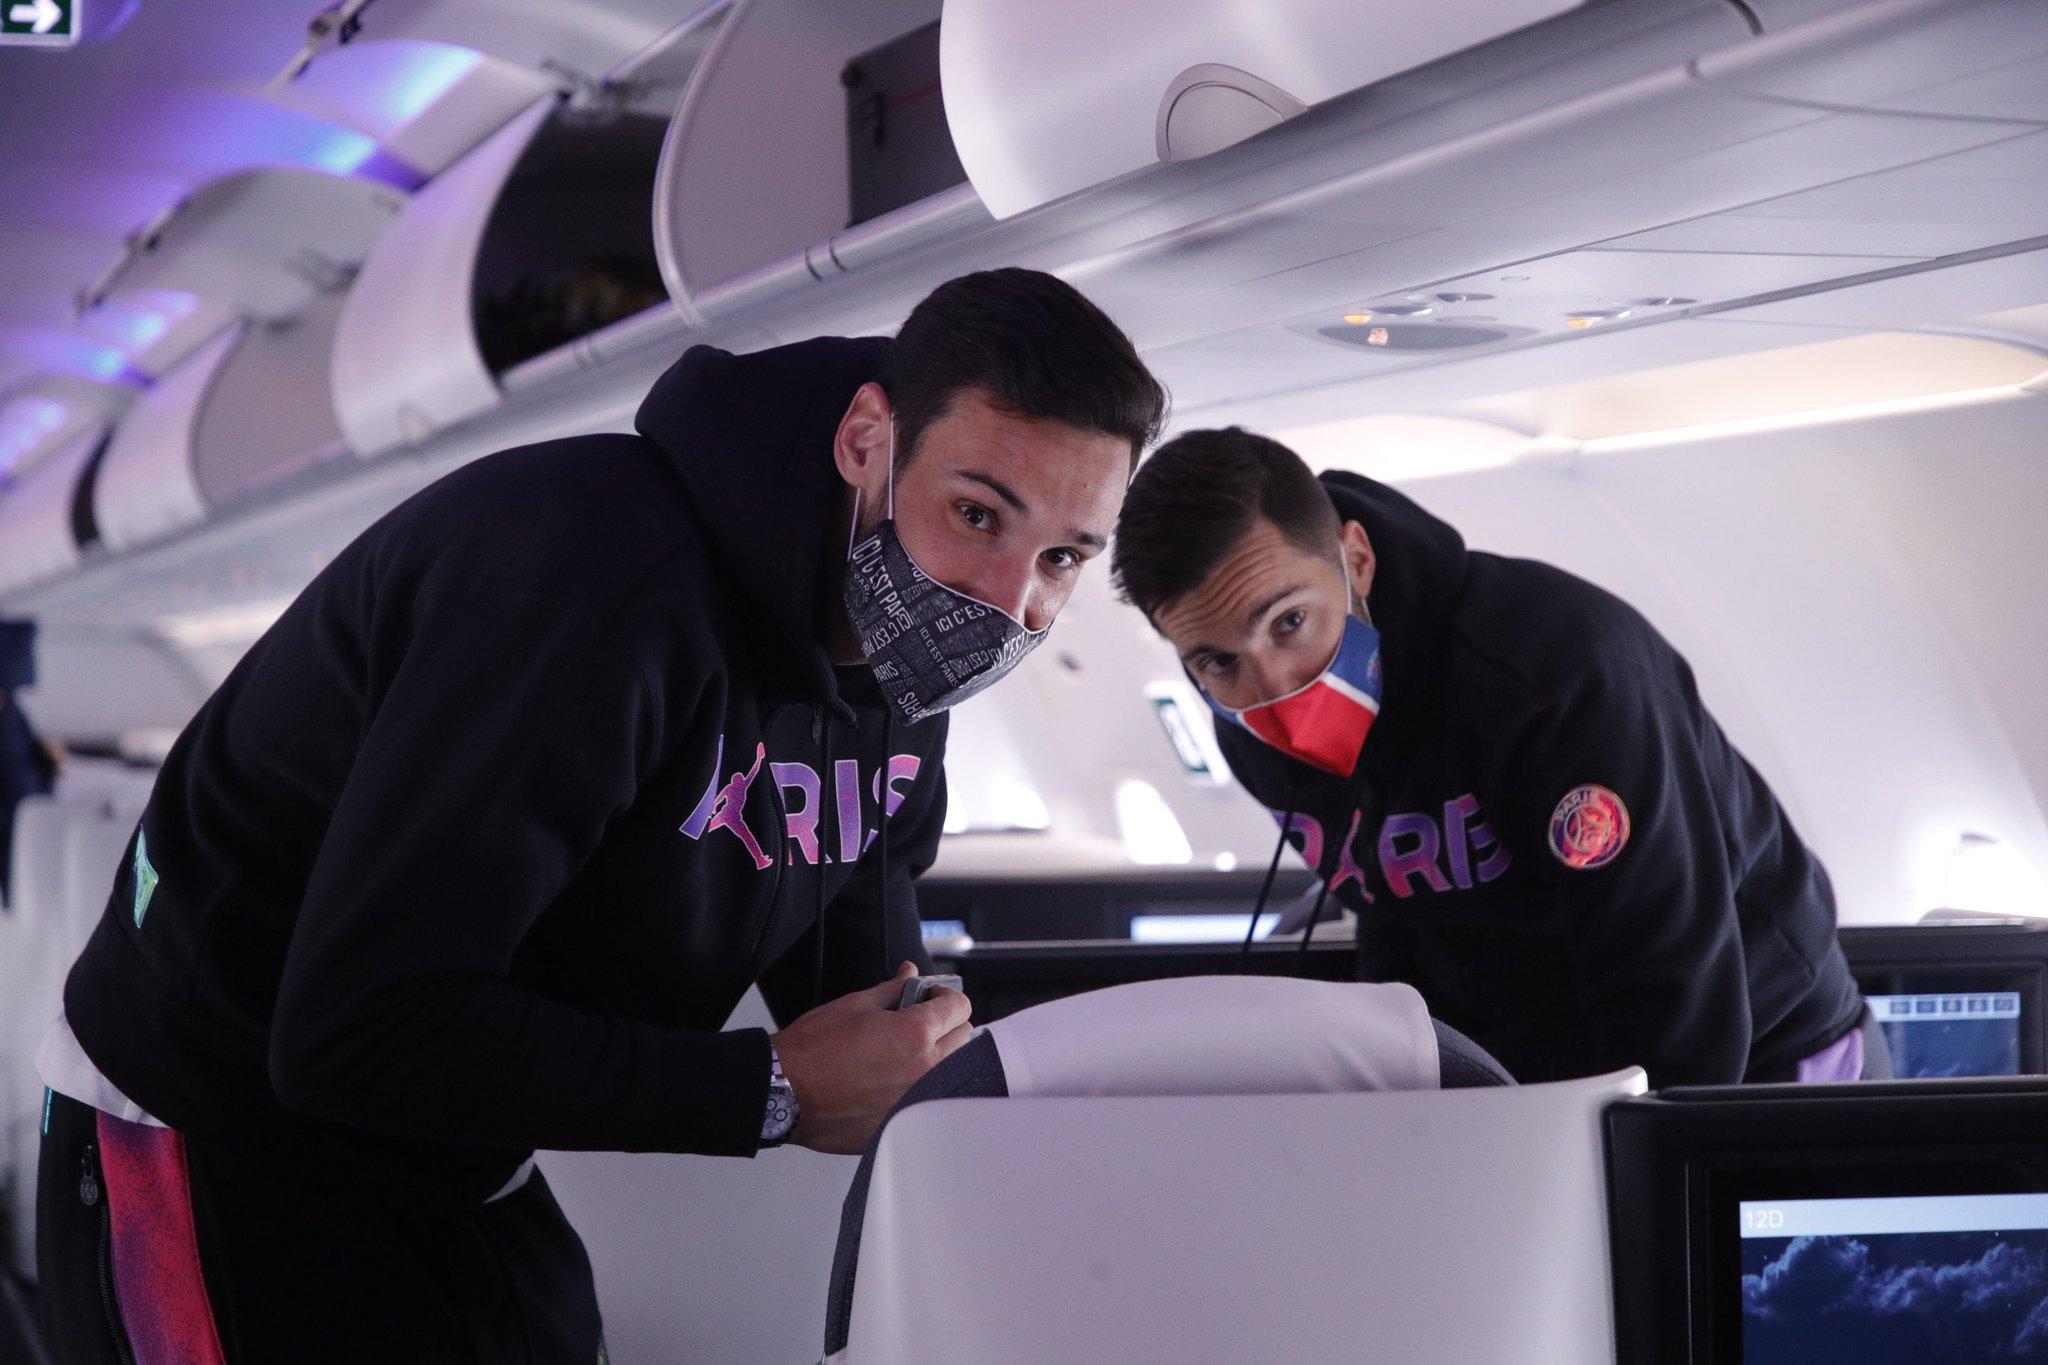 نجوم باريس سان جيرمان داخل الطائرة